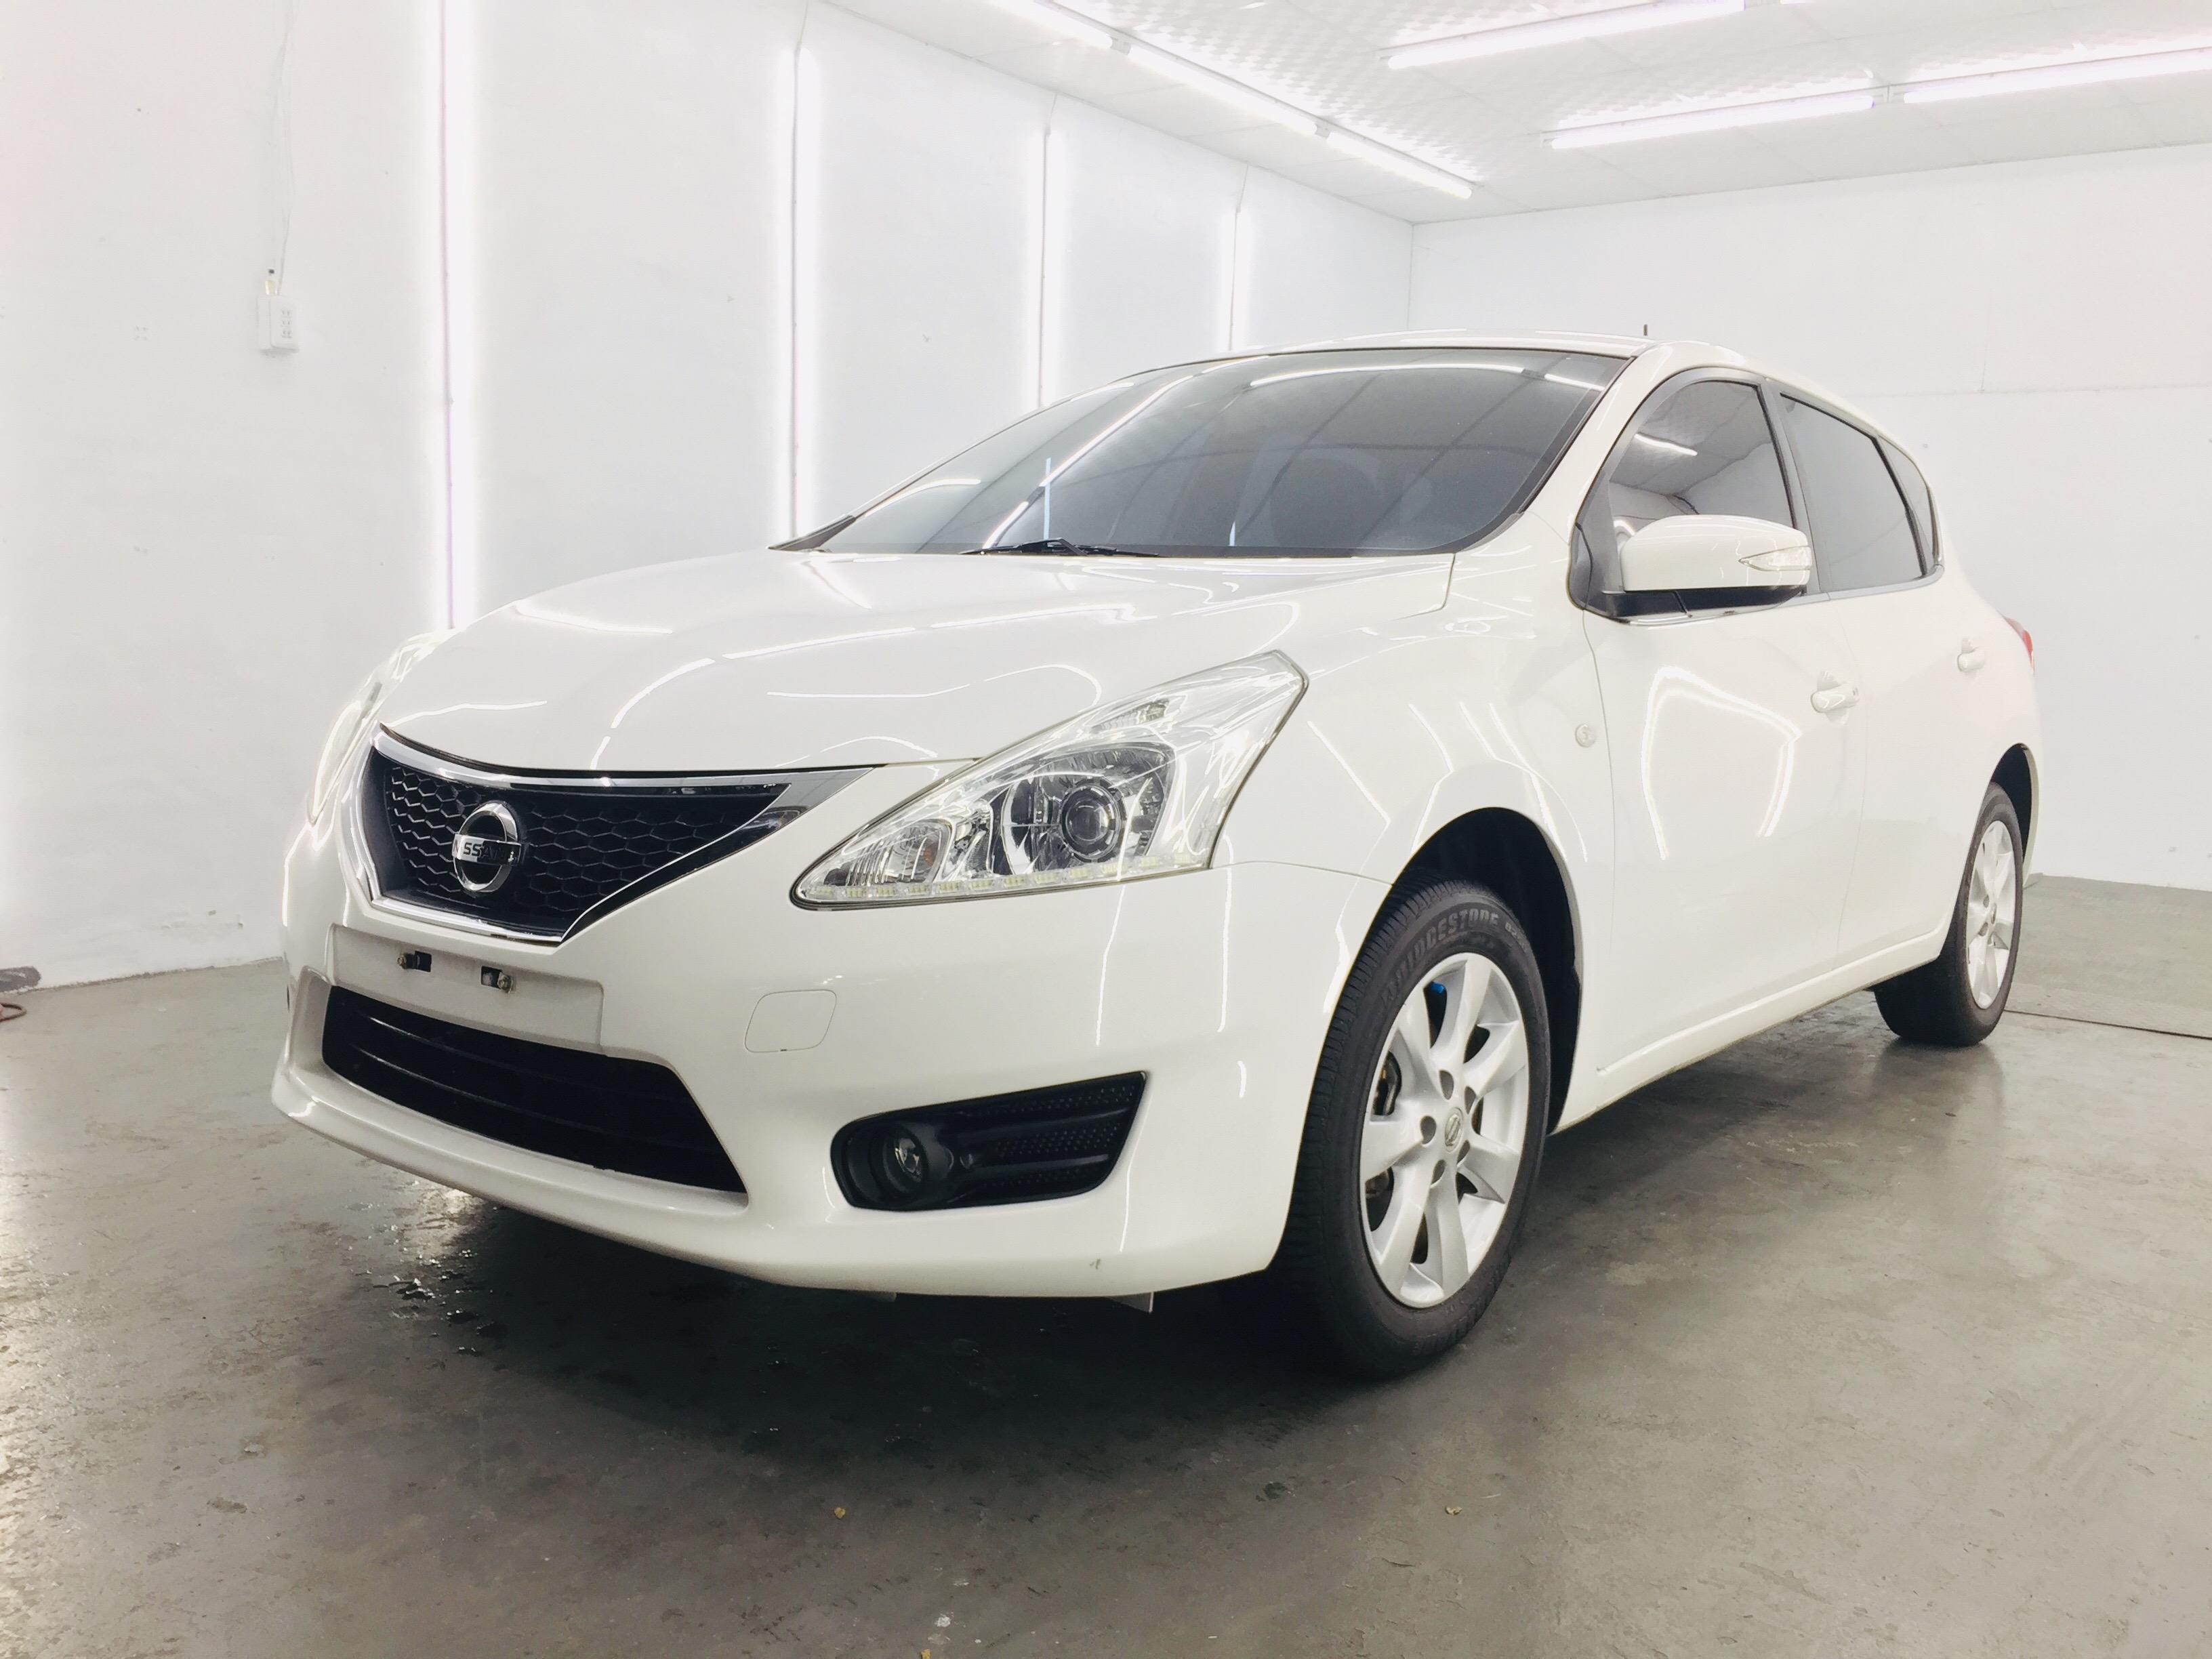 2015 Nissan Tiida